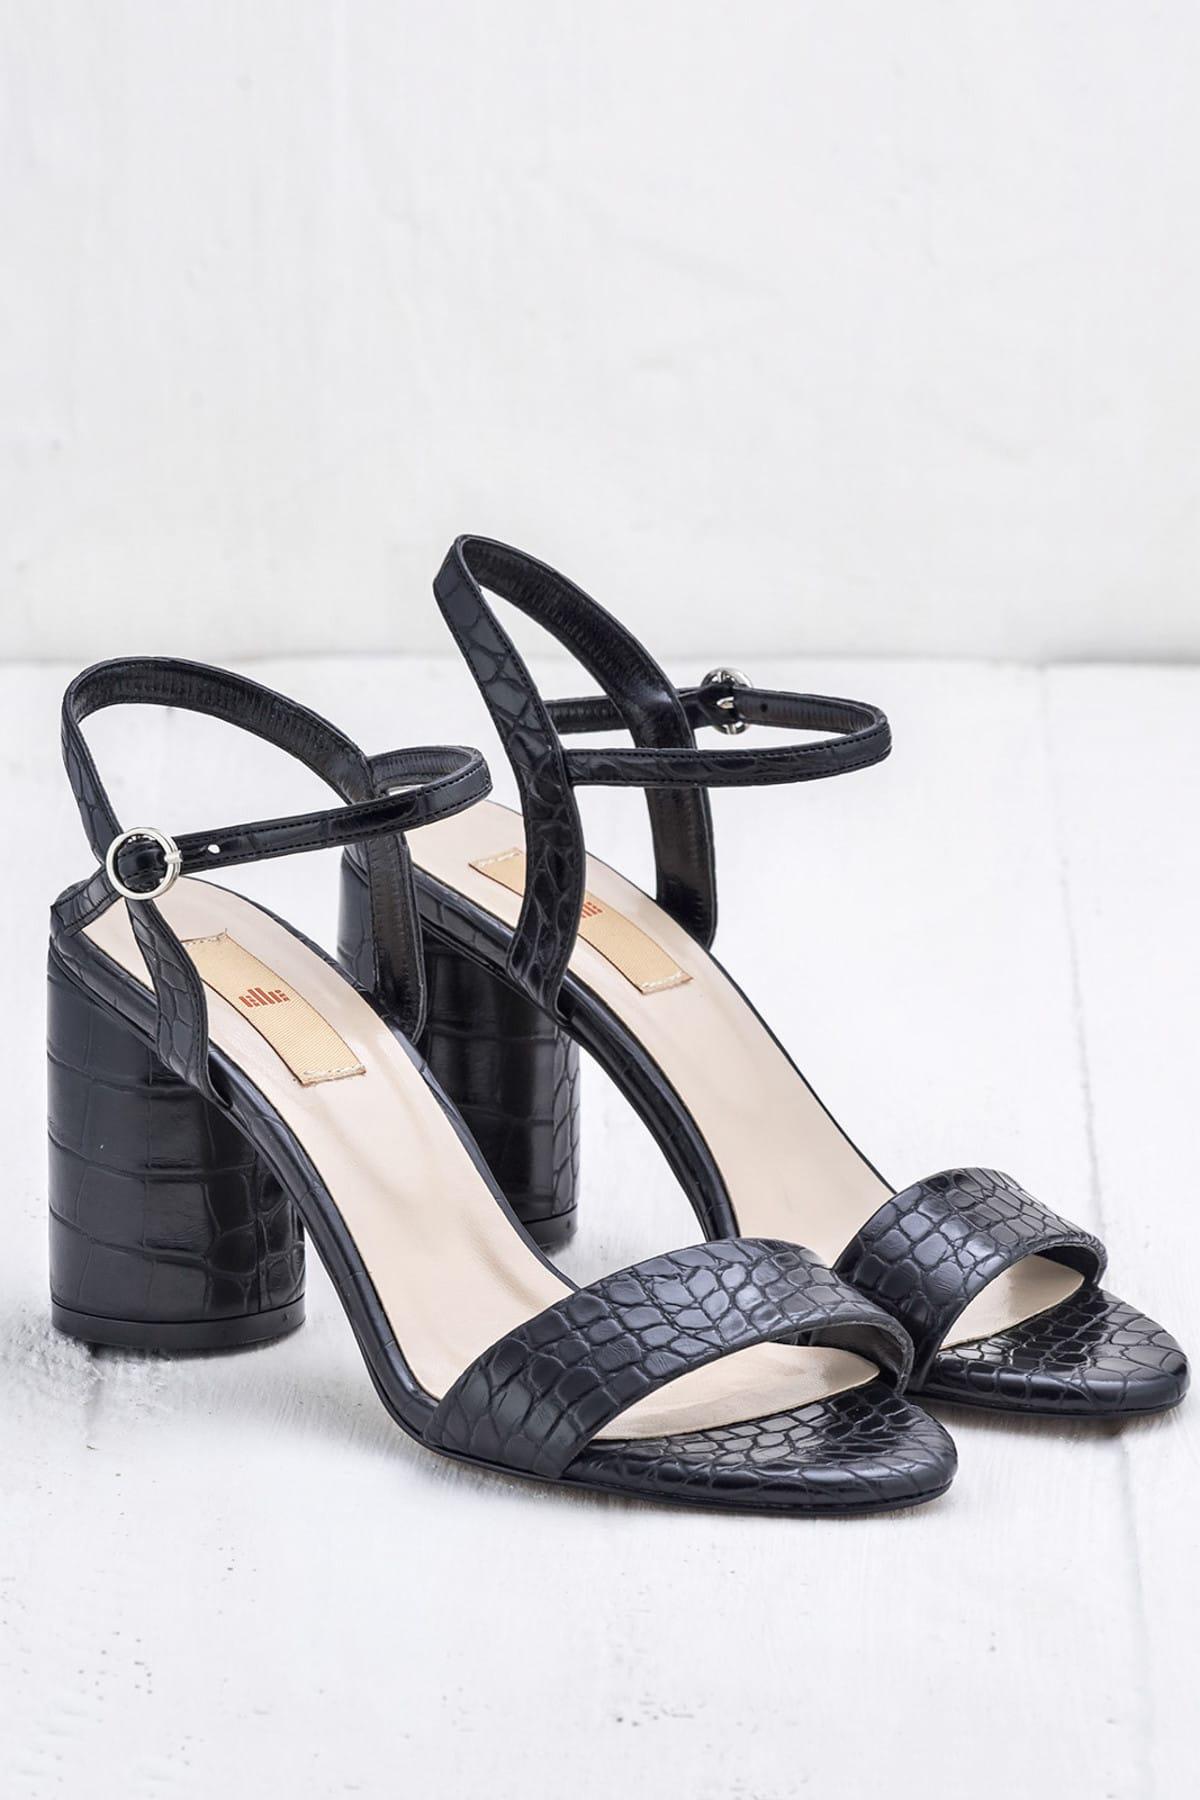 Elle Shoes SYLVIA Siyah Kadın Ayakkabı 2